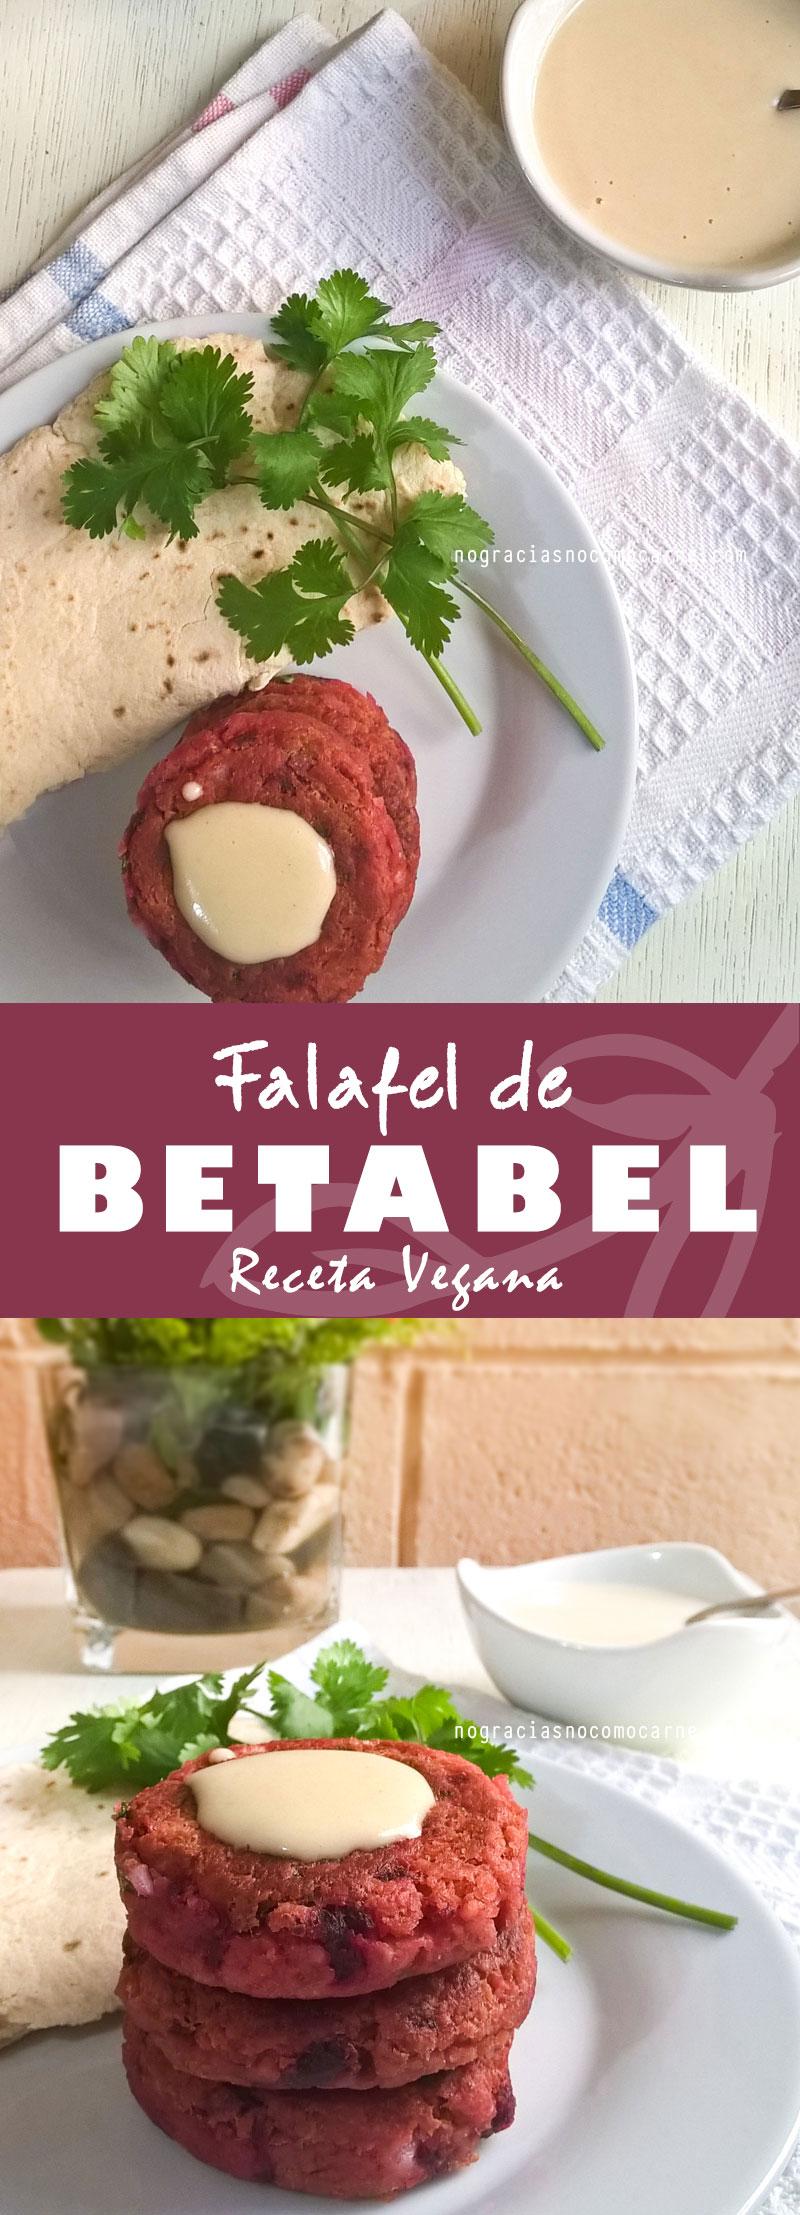 Falafel de betabel | No gracias, no como carne